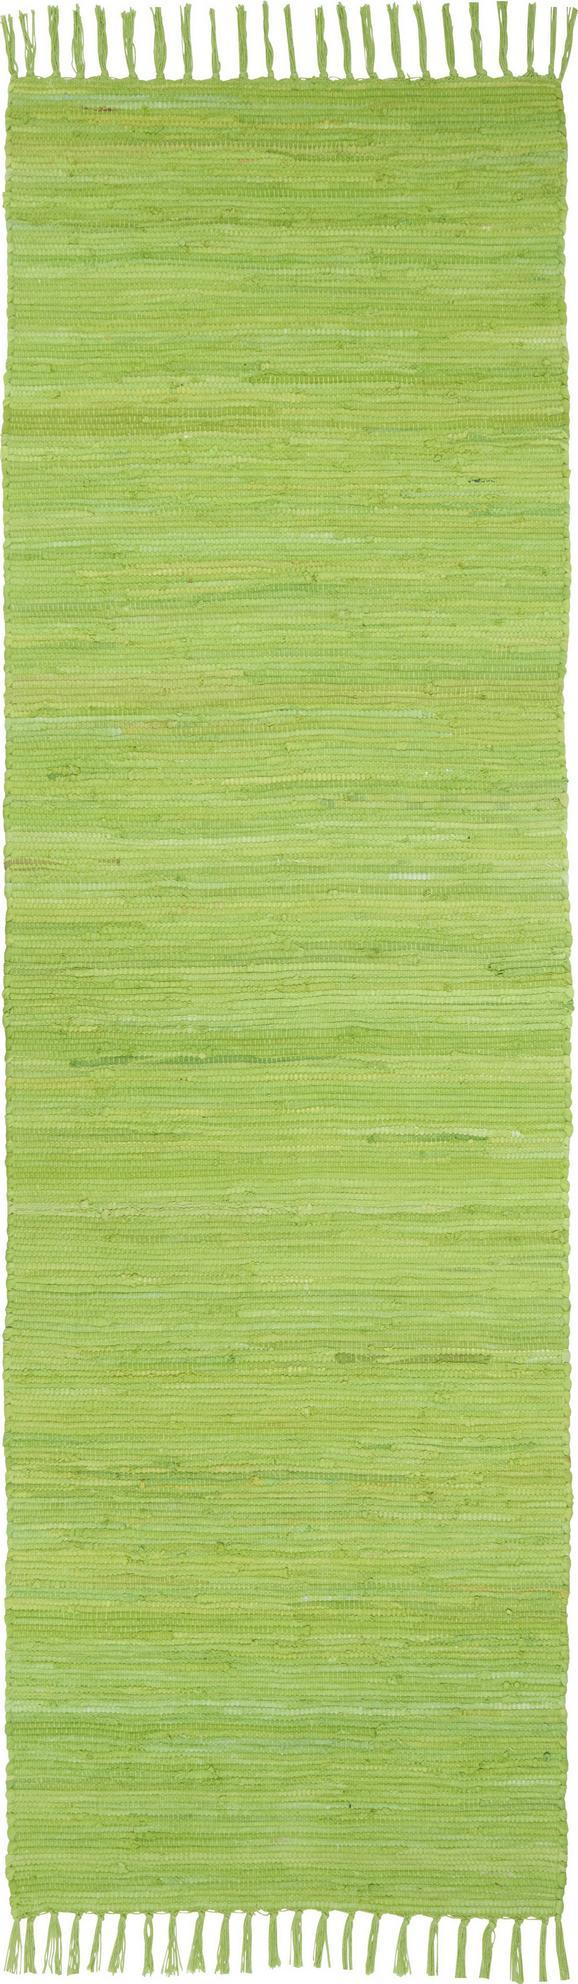 Rongyszőnyeg Julia - világoszöld, konvencionális, textil (70/230cm) - MÖMAX modern living